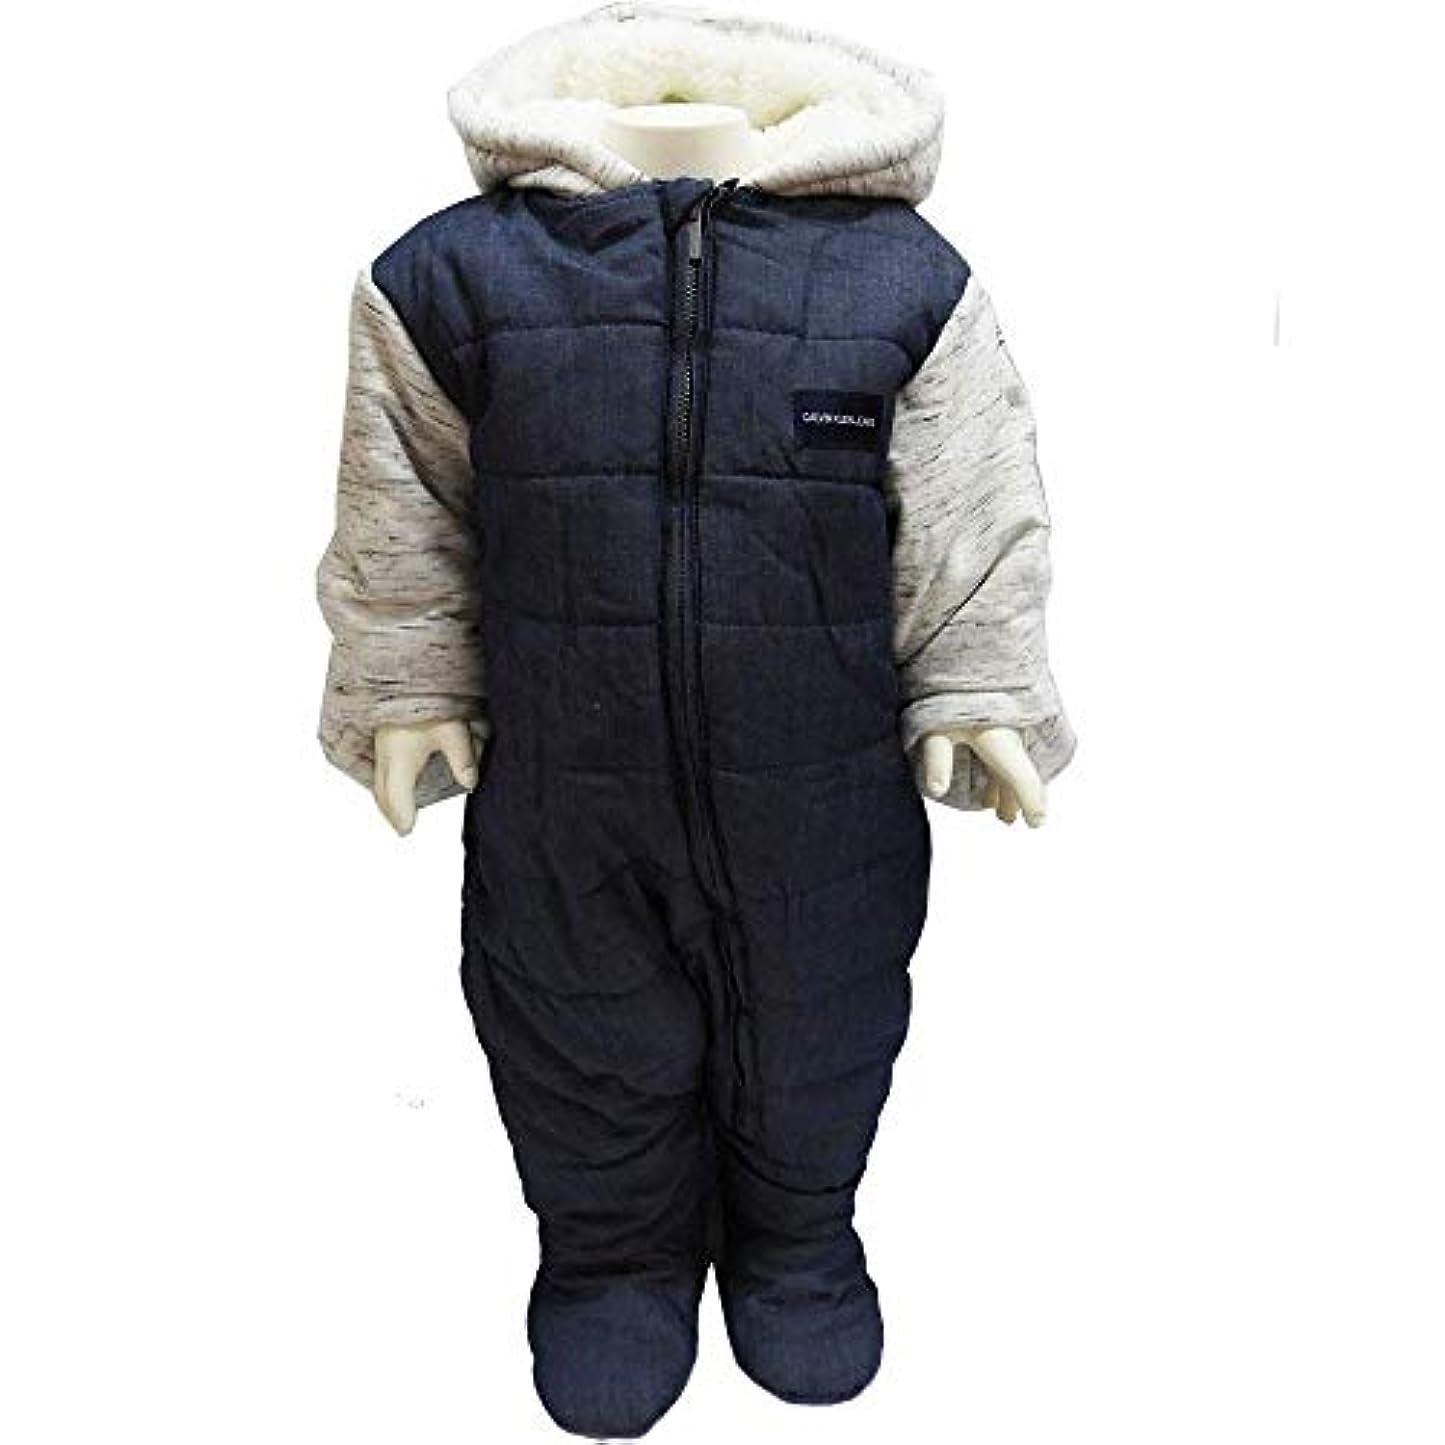 ターゲットリップカーフCalvinKlein カルバンクライン ベビー服 ジャンプスーツ 中綿入り 防寒着 アウター 外出着 デニム風 オールインワン 50cm 60cm 70cm (0/3M=~55cm)